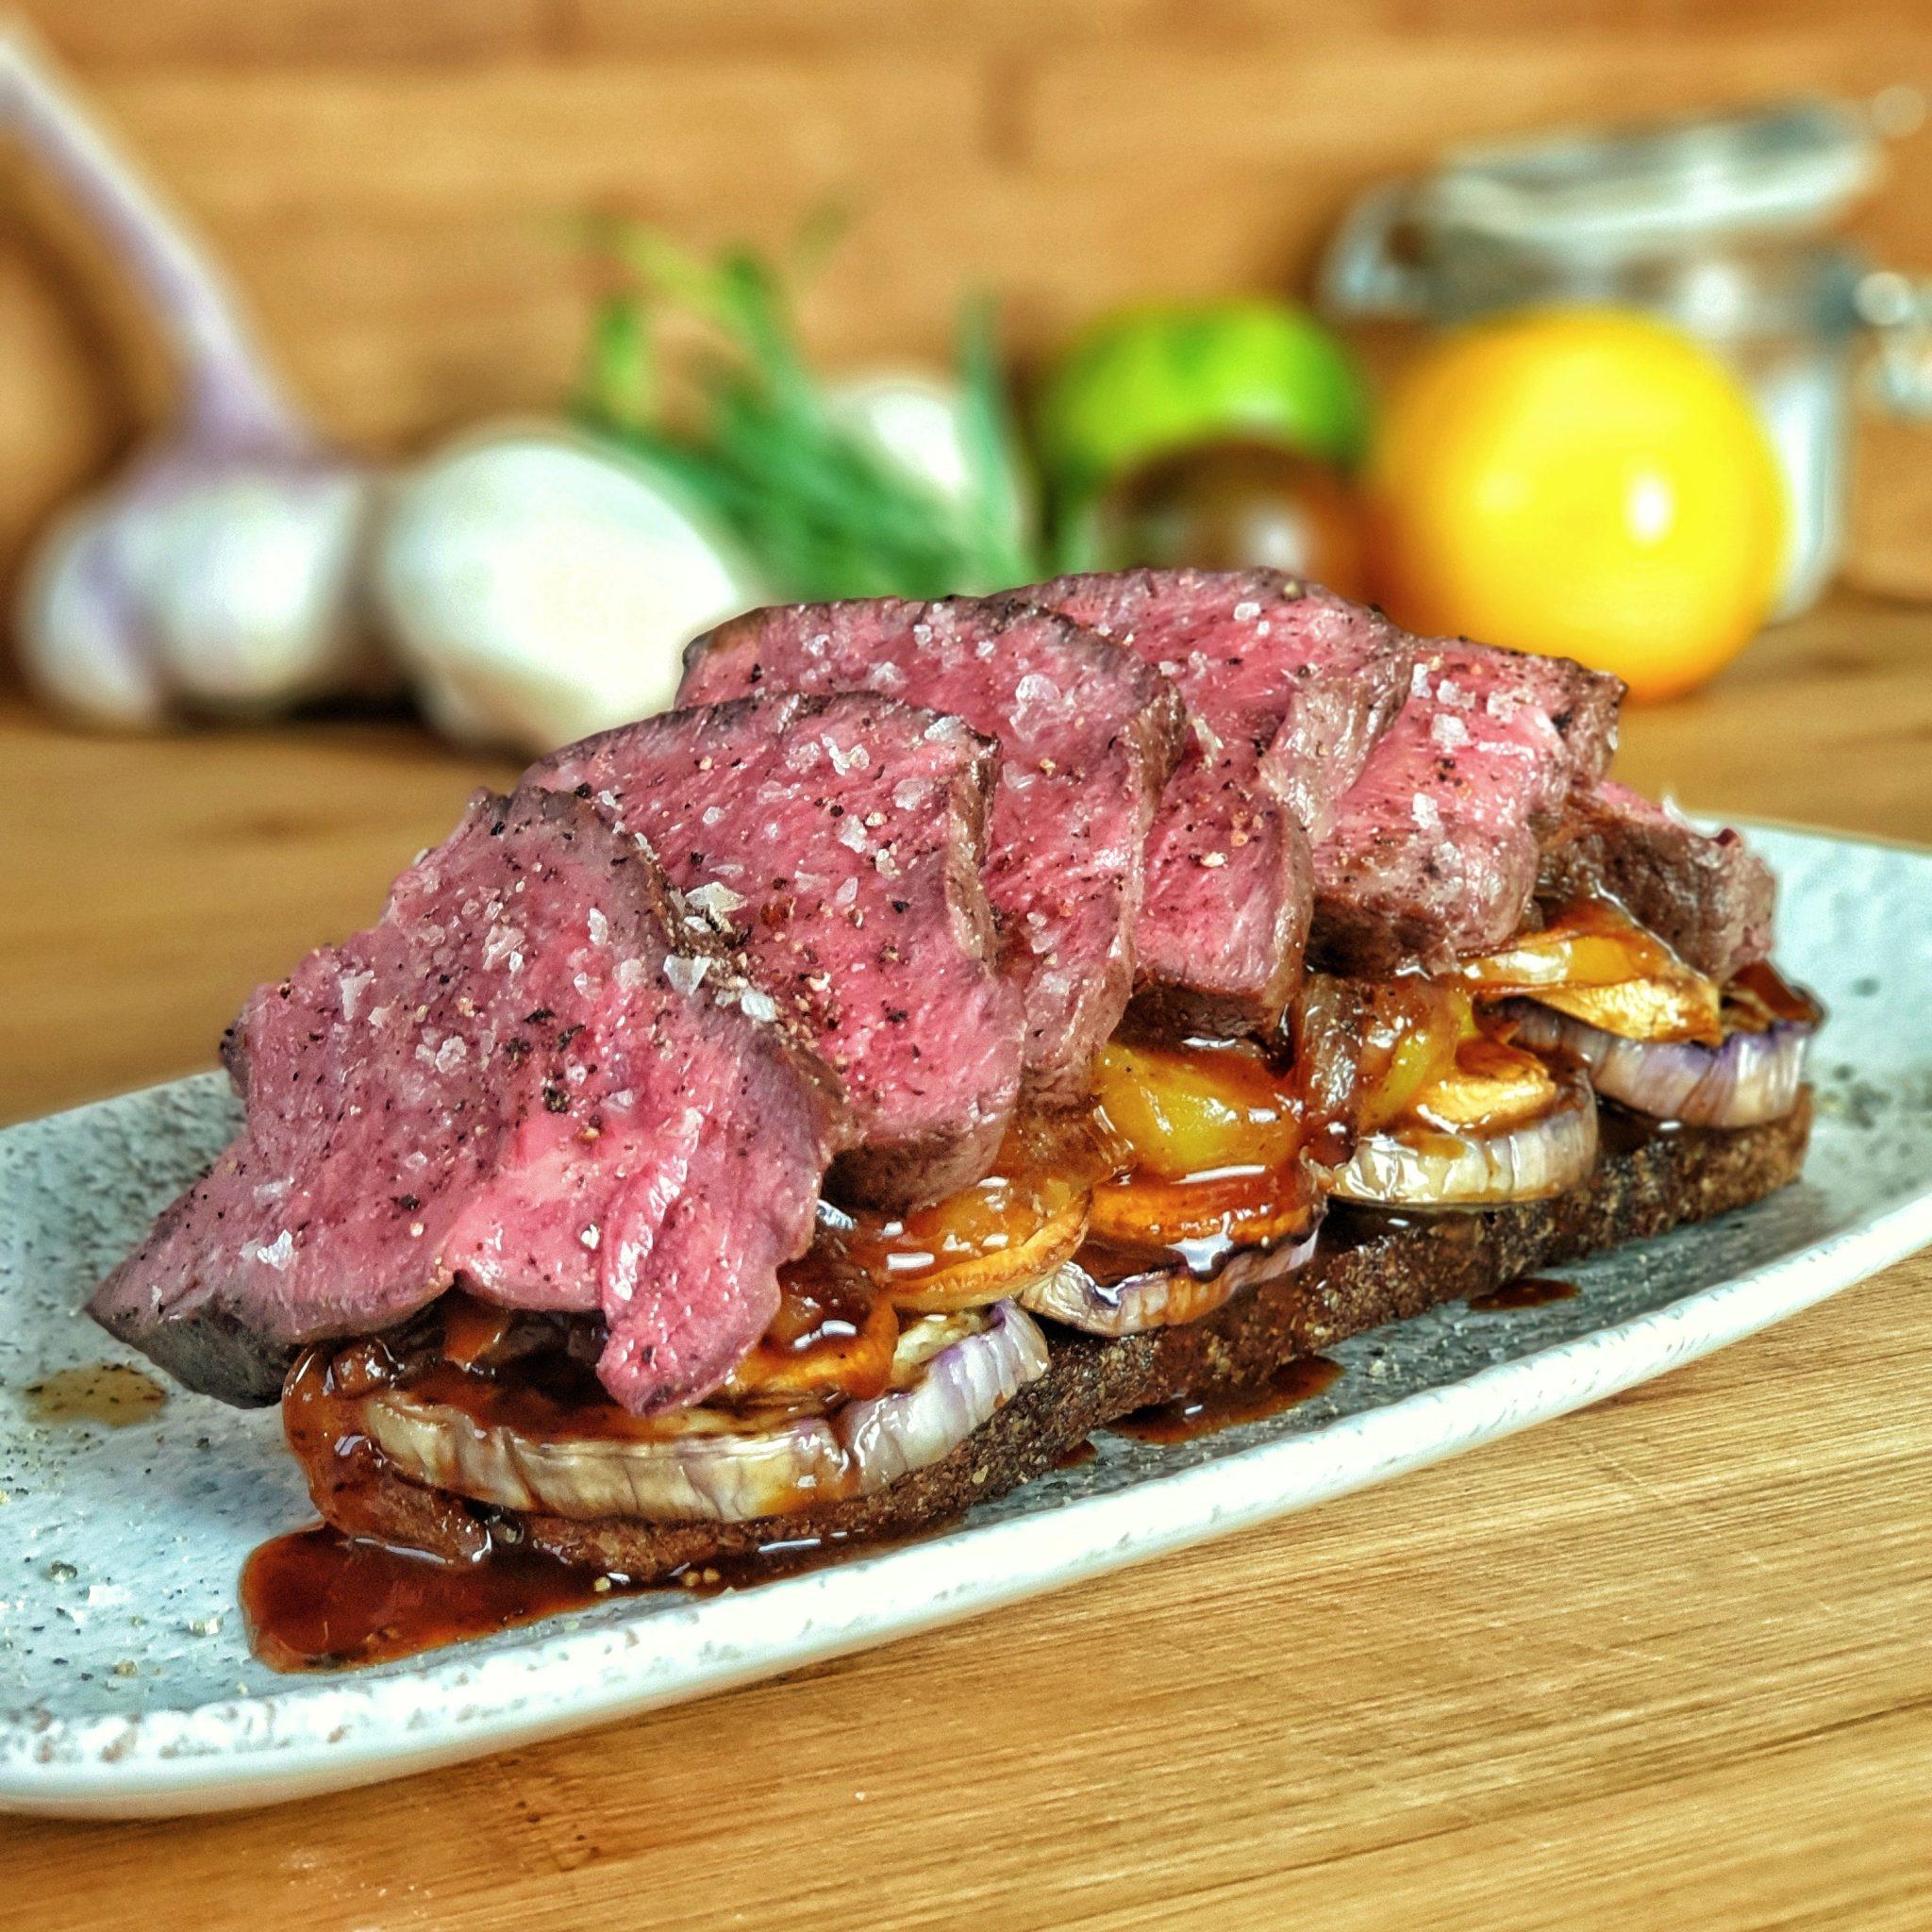 Steakstulle mit Filet von der Husumer Färse